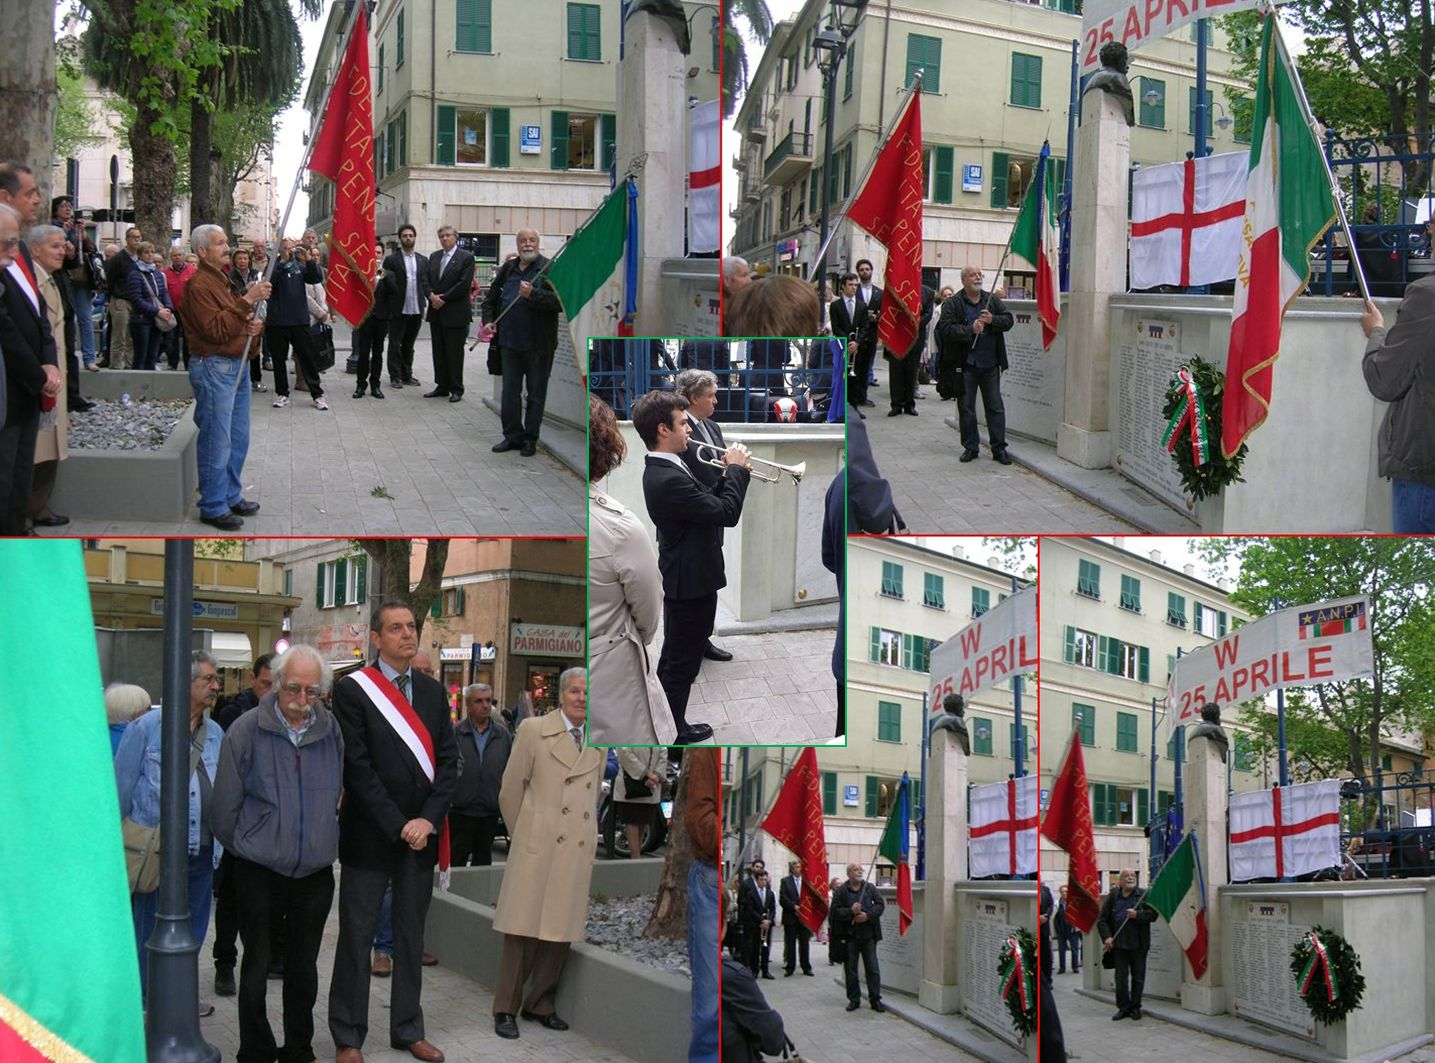 Un momento di particolare commozione, l'omaggio alle lapidi con i nomi di Partigiani caduti, con il trombettiere che suona Silenzio e la Filarmonica  l'Inno Nazionale